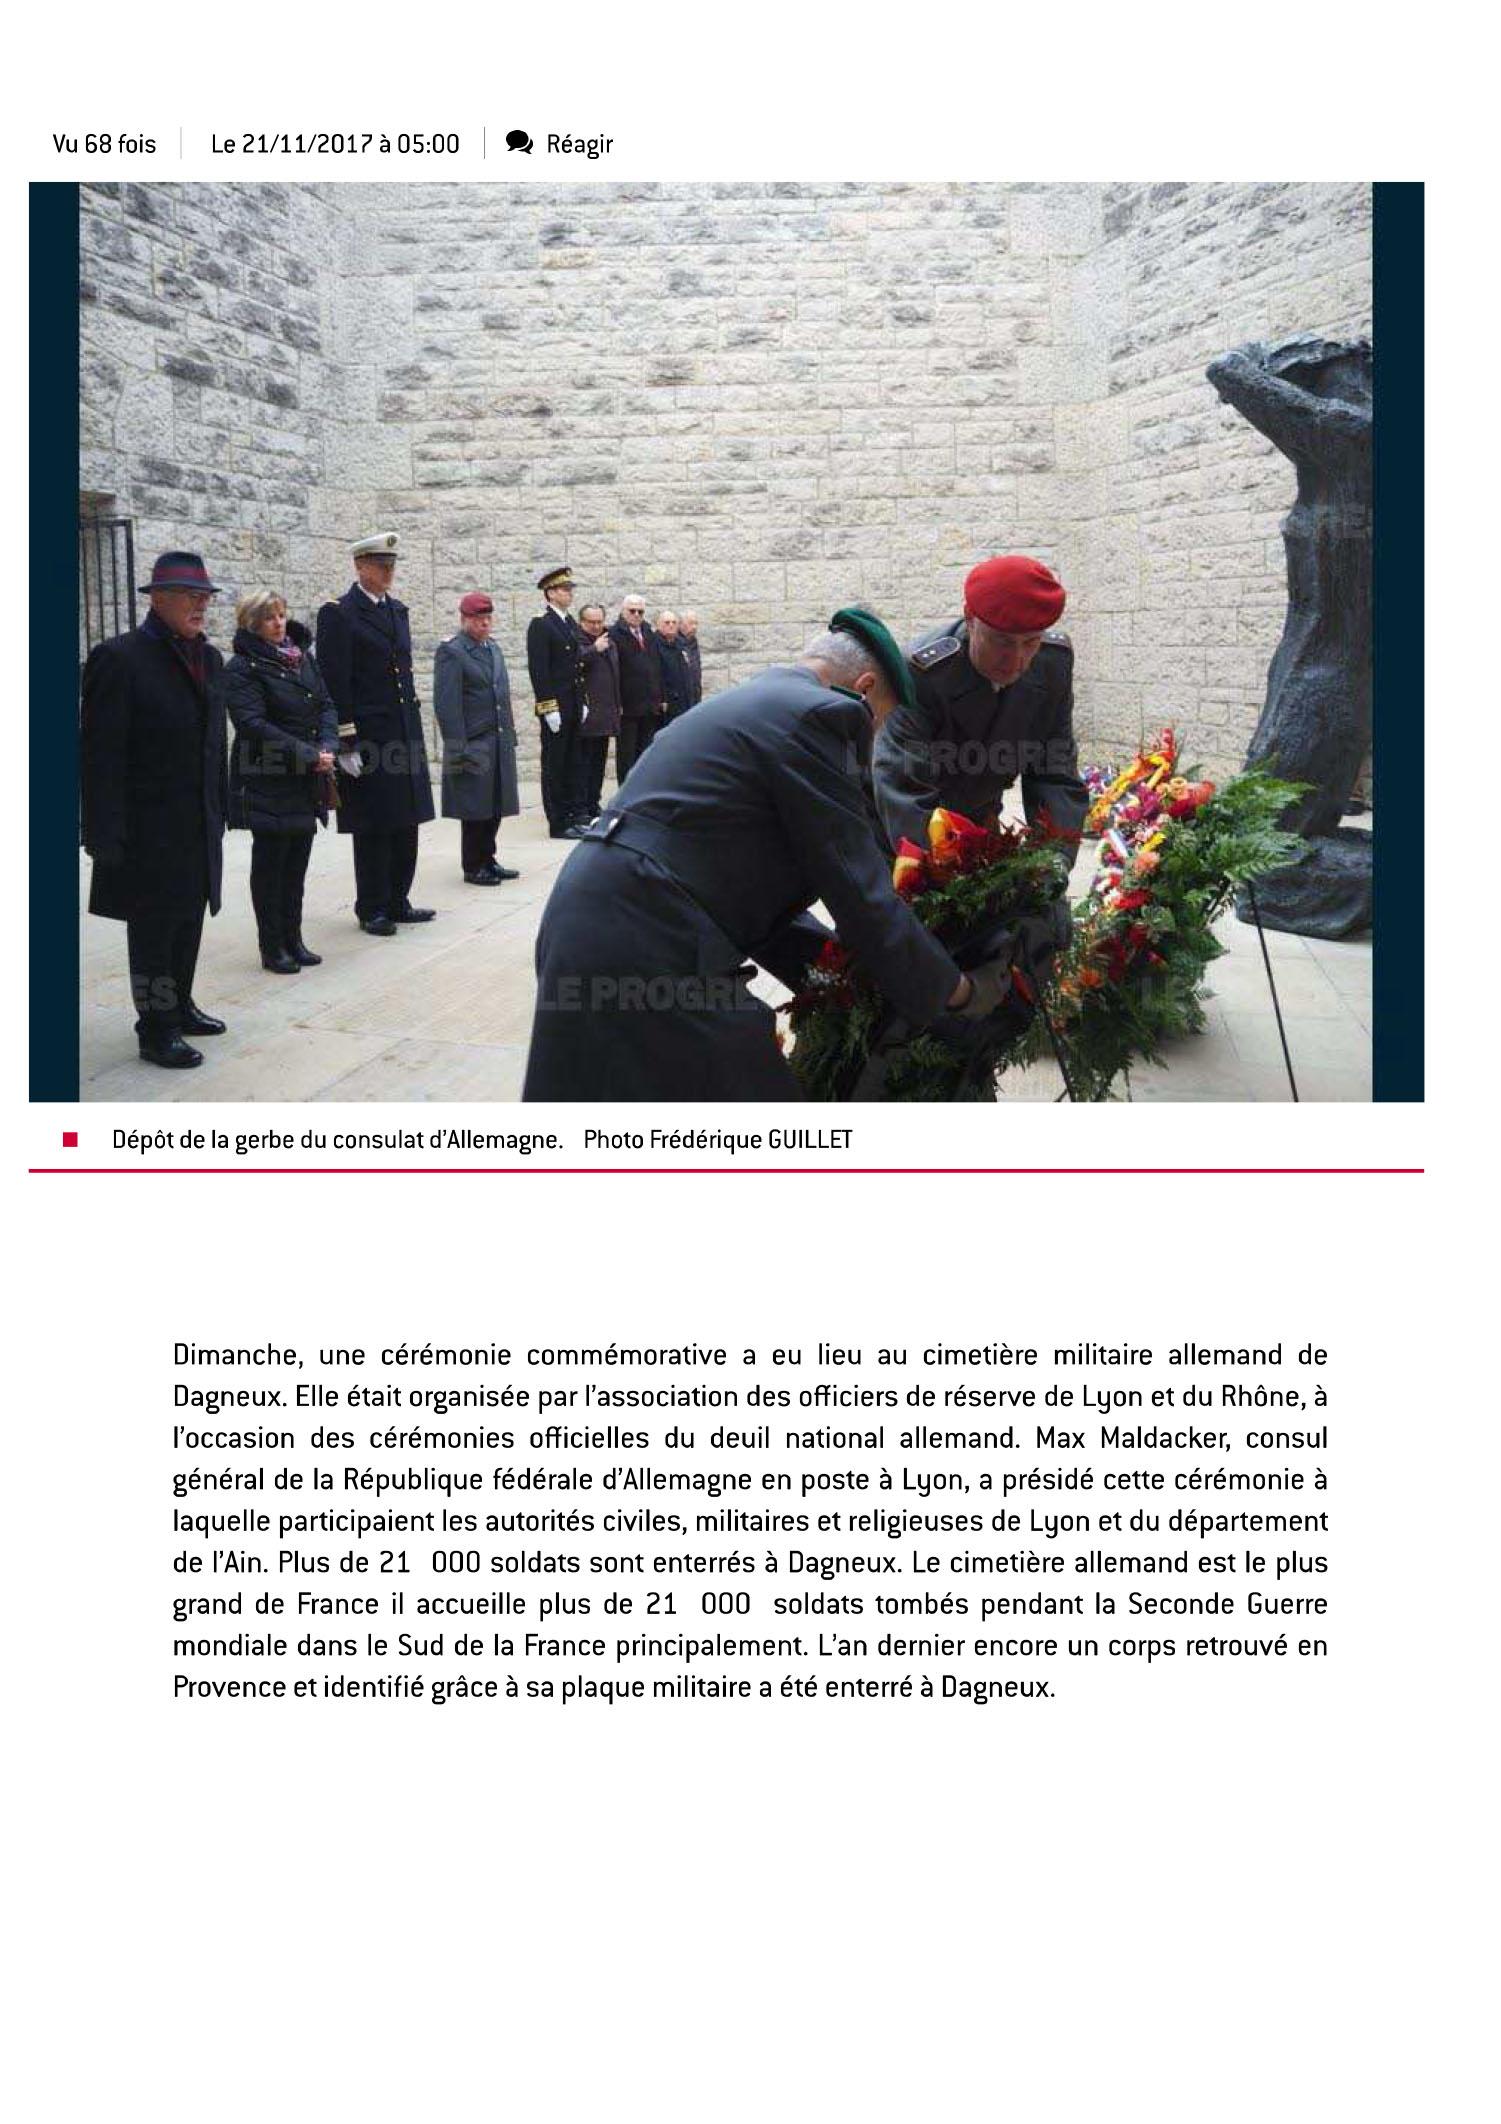 Dagneux | Une cérémonie du souvenir pourles 21000 soldats